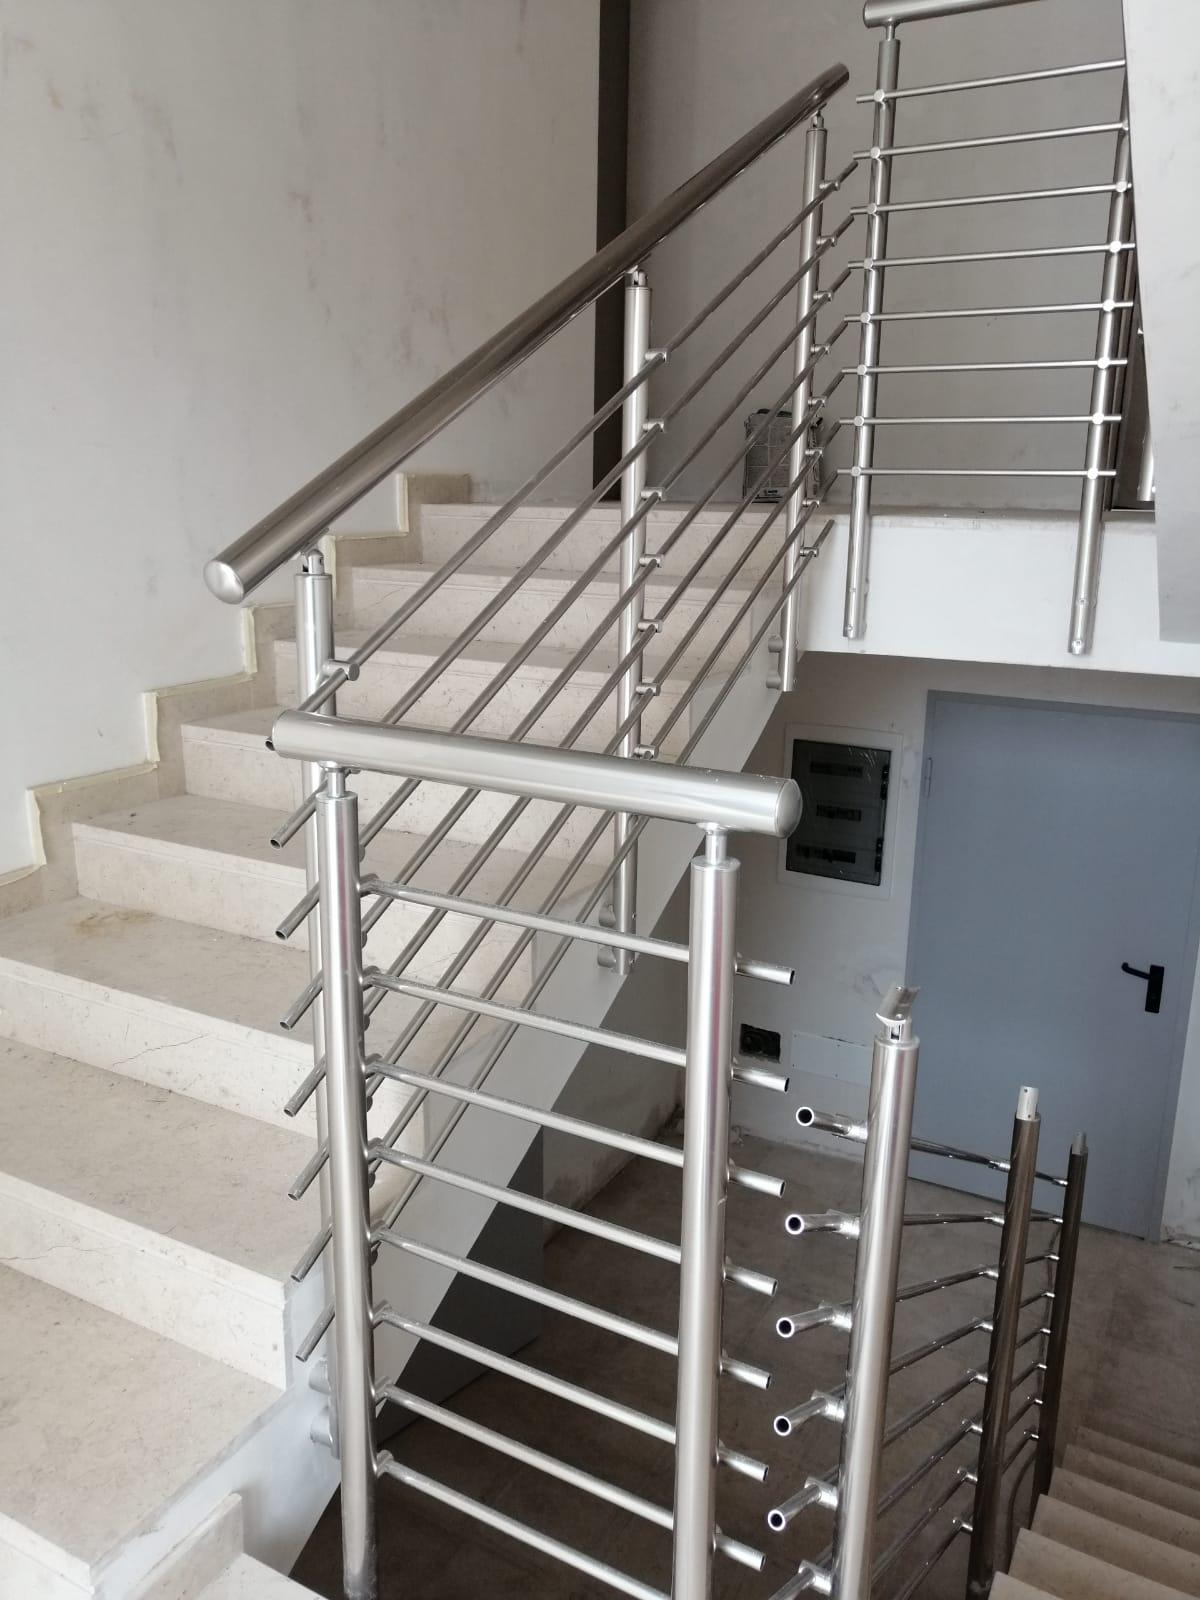 Ringhiera per scale interne condominio - Bari, Brindisi e in Puglia. - 4